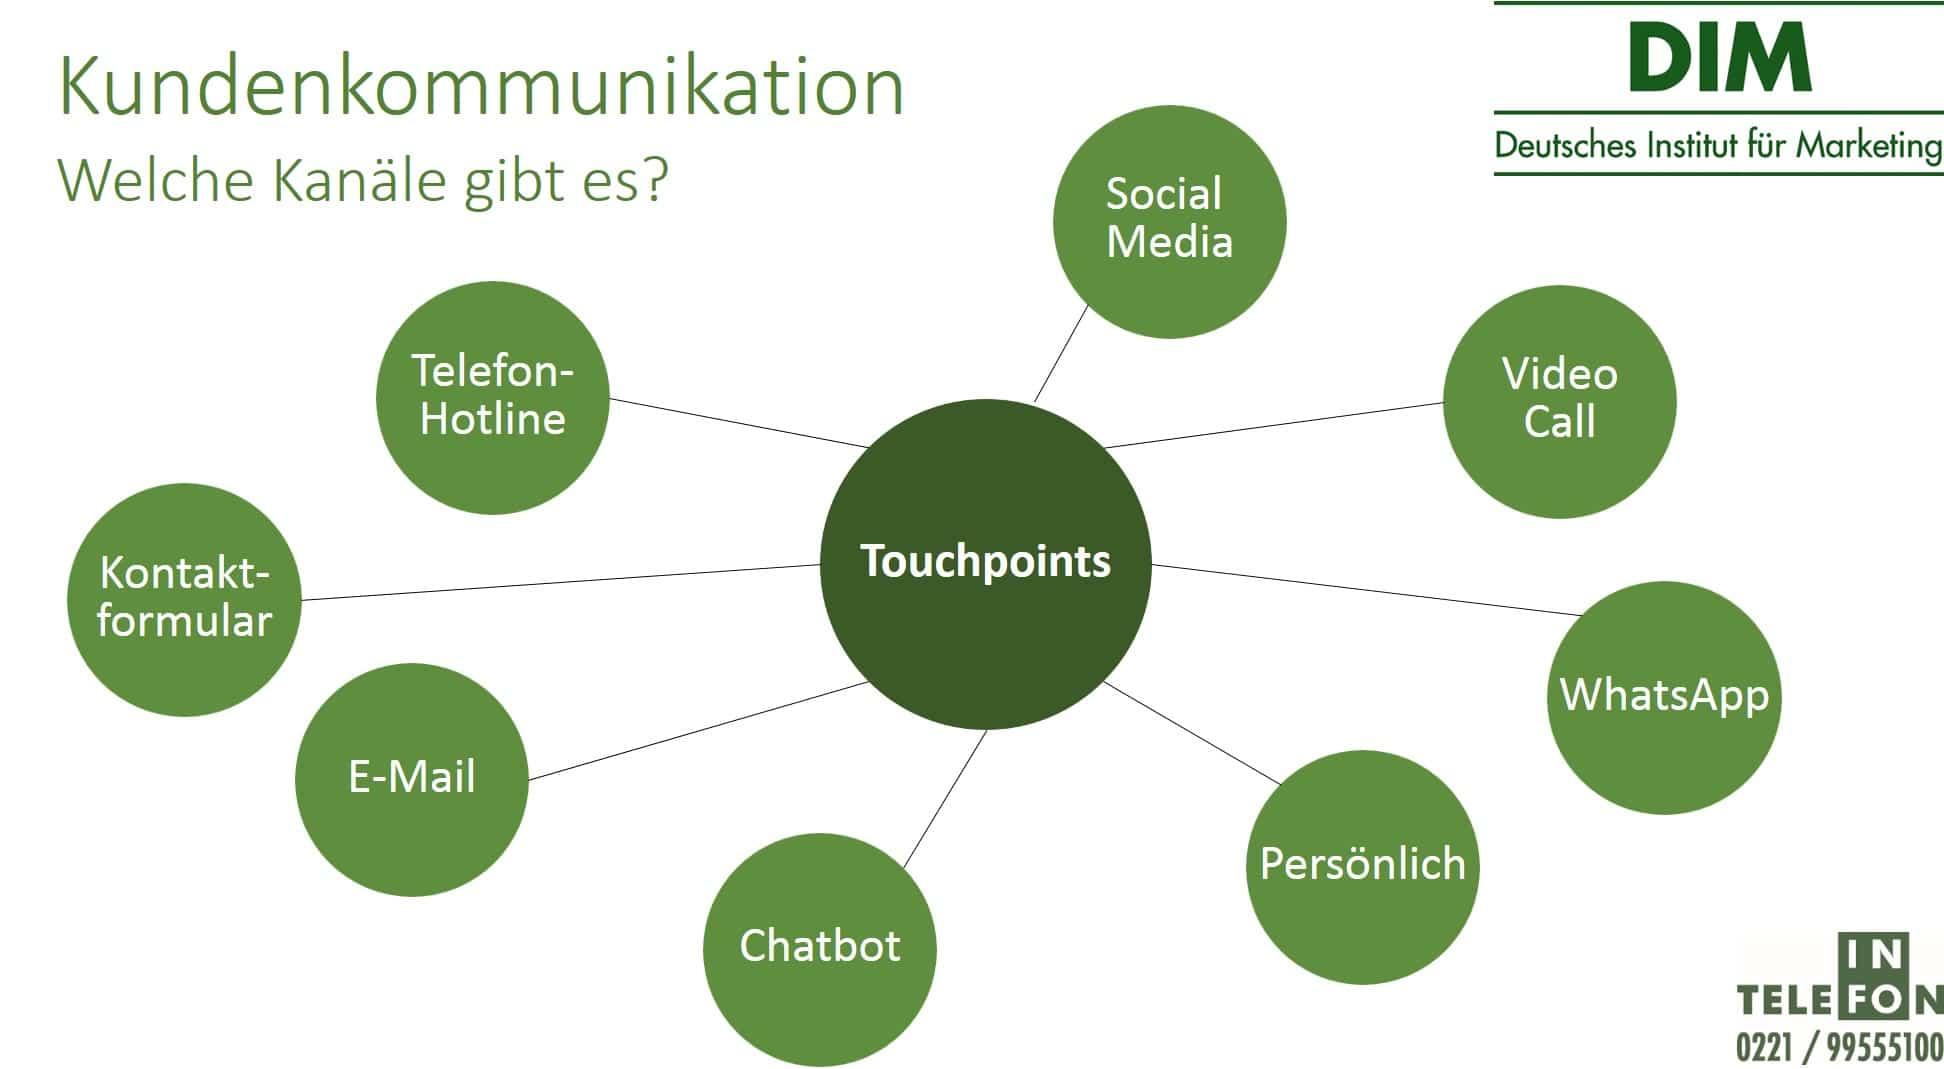 Kanäle der Kundenkommunikation